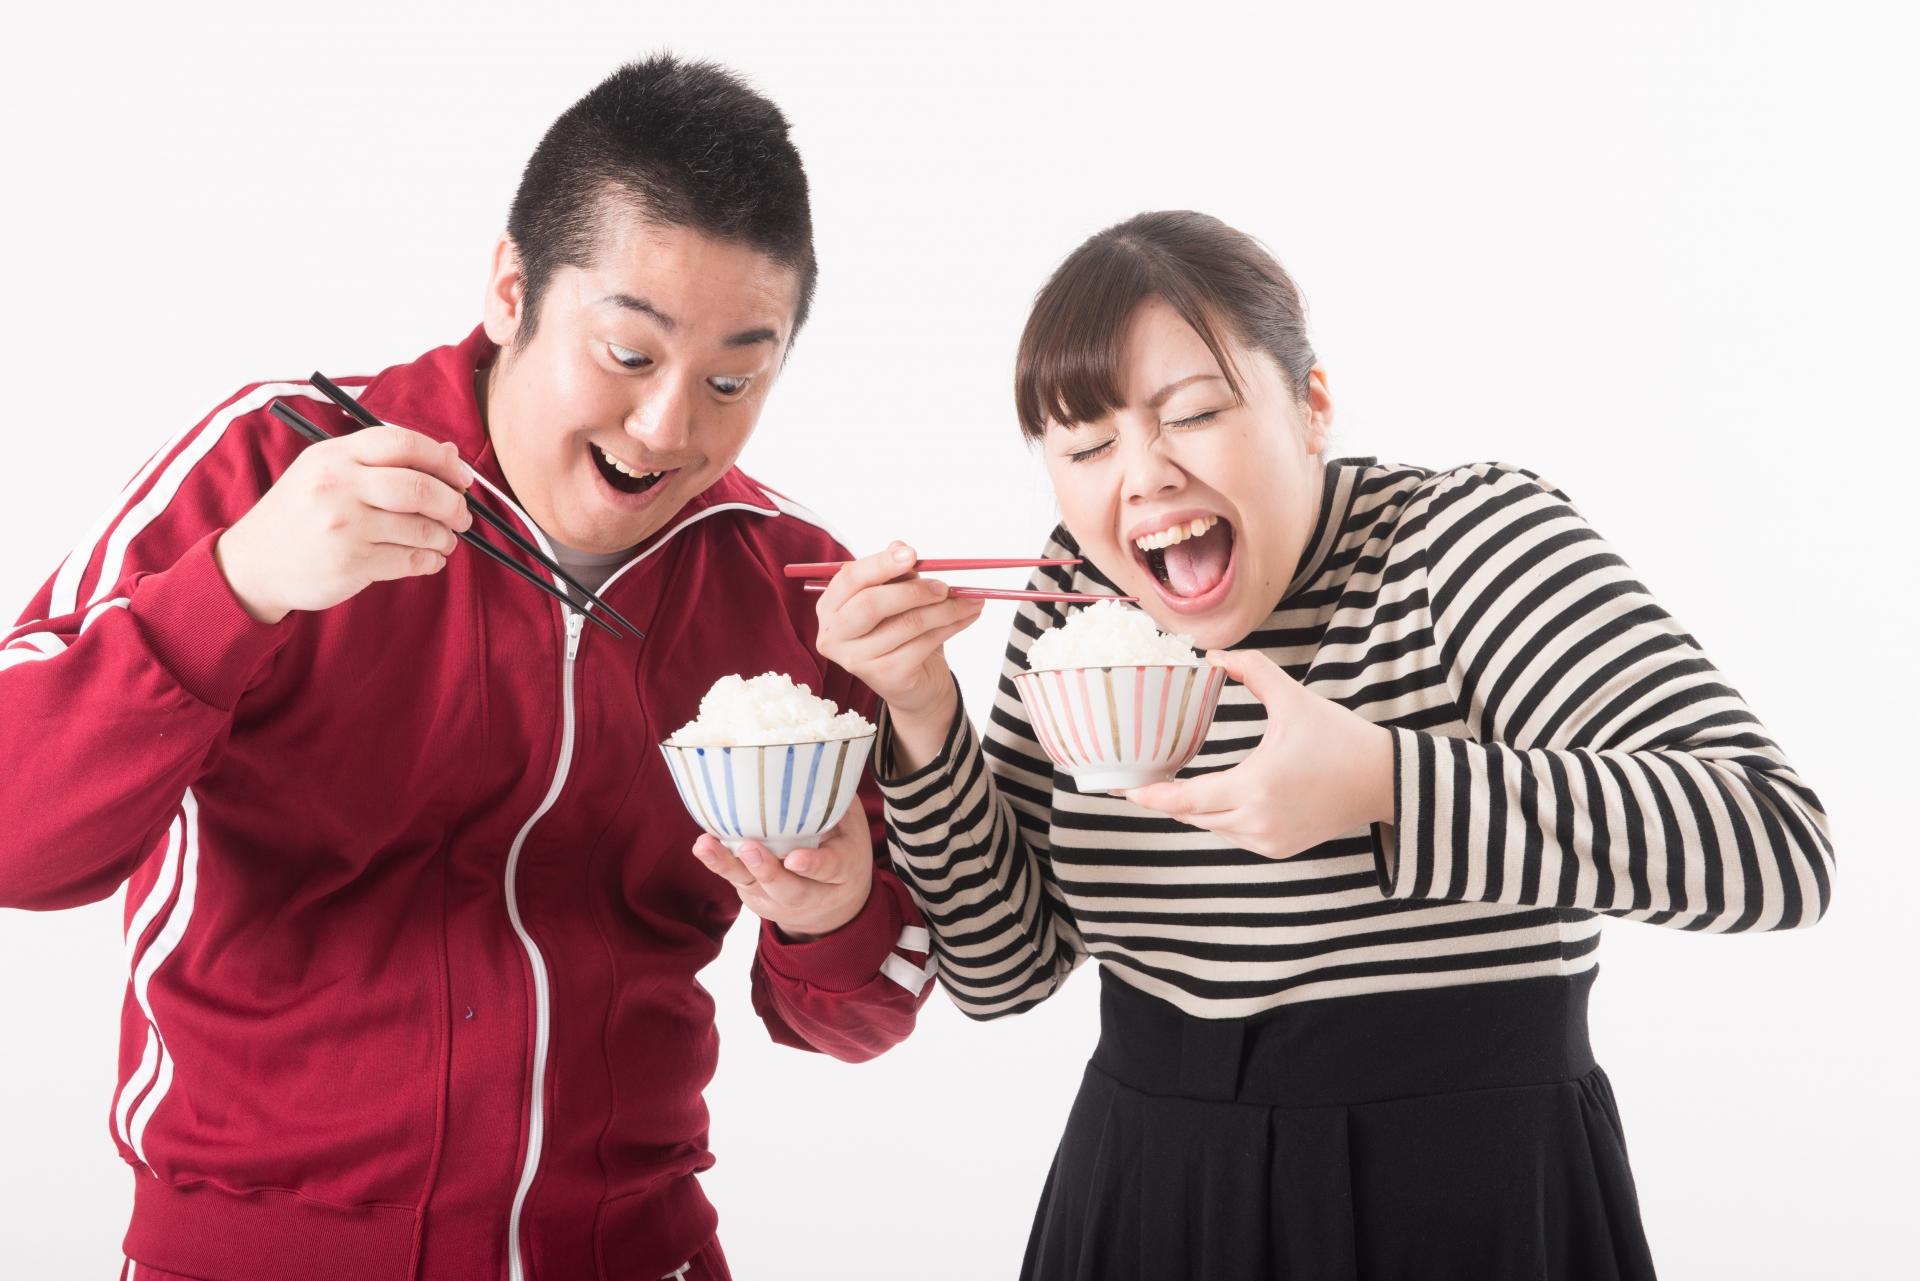 岡山の外食ランチで減量に挑戦!いつも通りの満腹ランチを楽しみながら、1週間で体重を3㎏減らす目標は達成するか!?